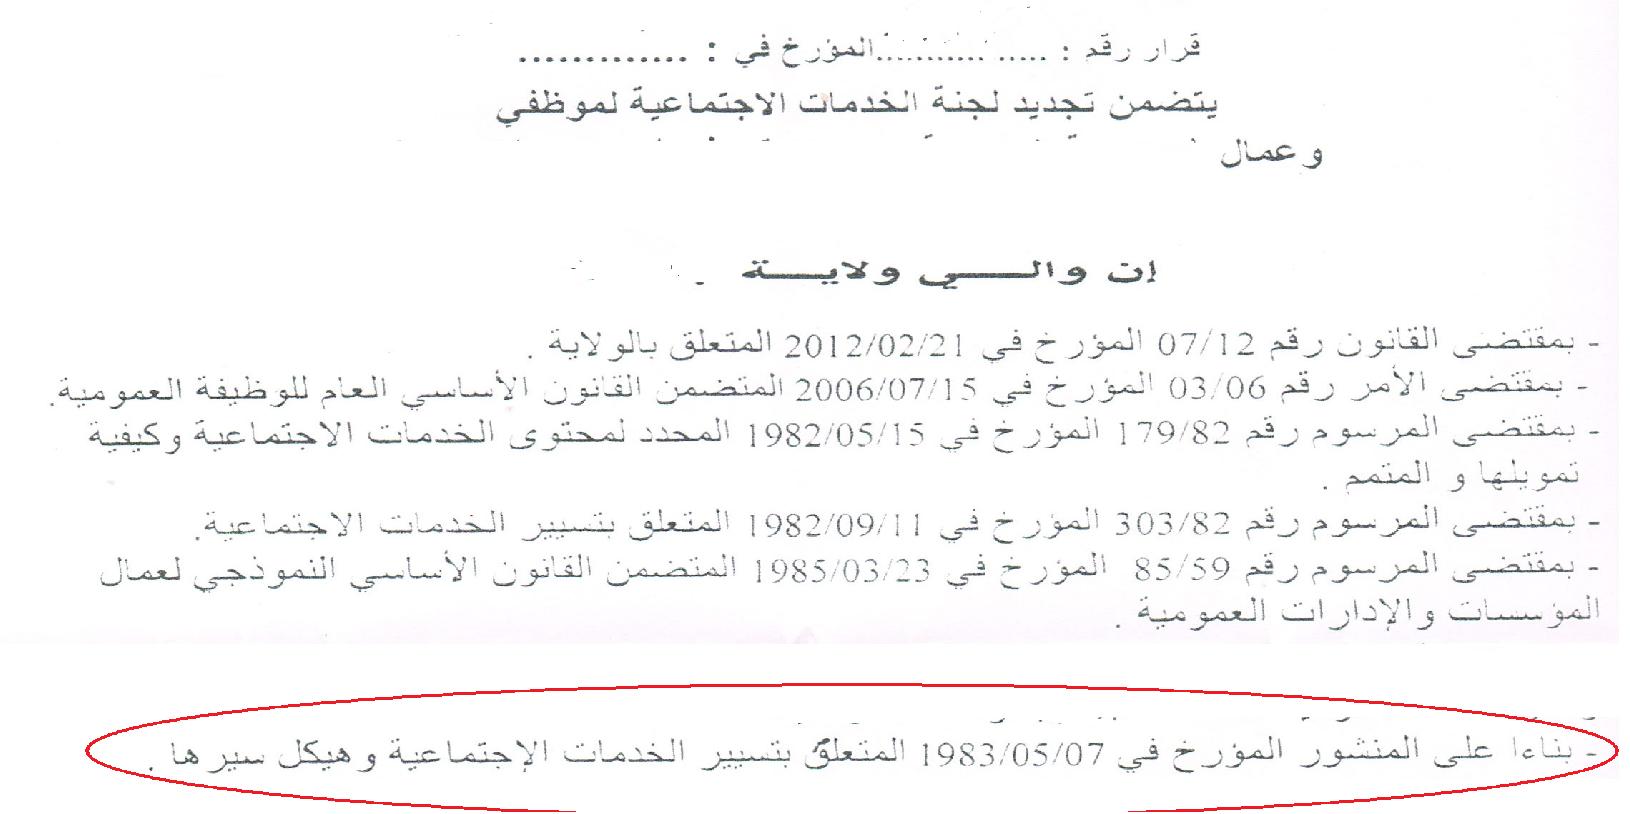 طلب المنشور المؤرخ في 07/05/1983 المتعلق بتسيير الخدمات الإجتماعية  959553373